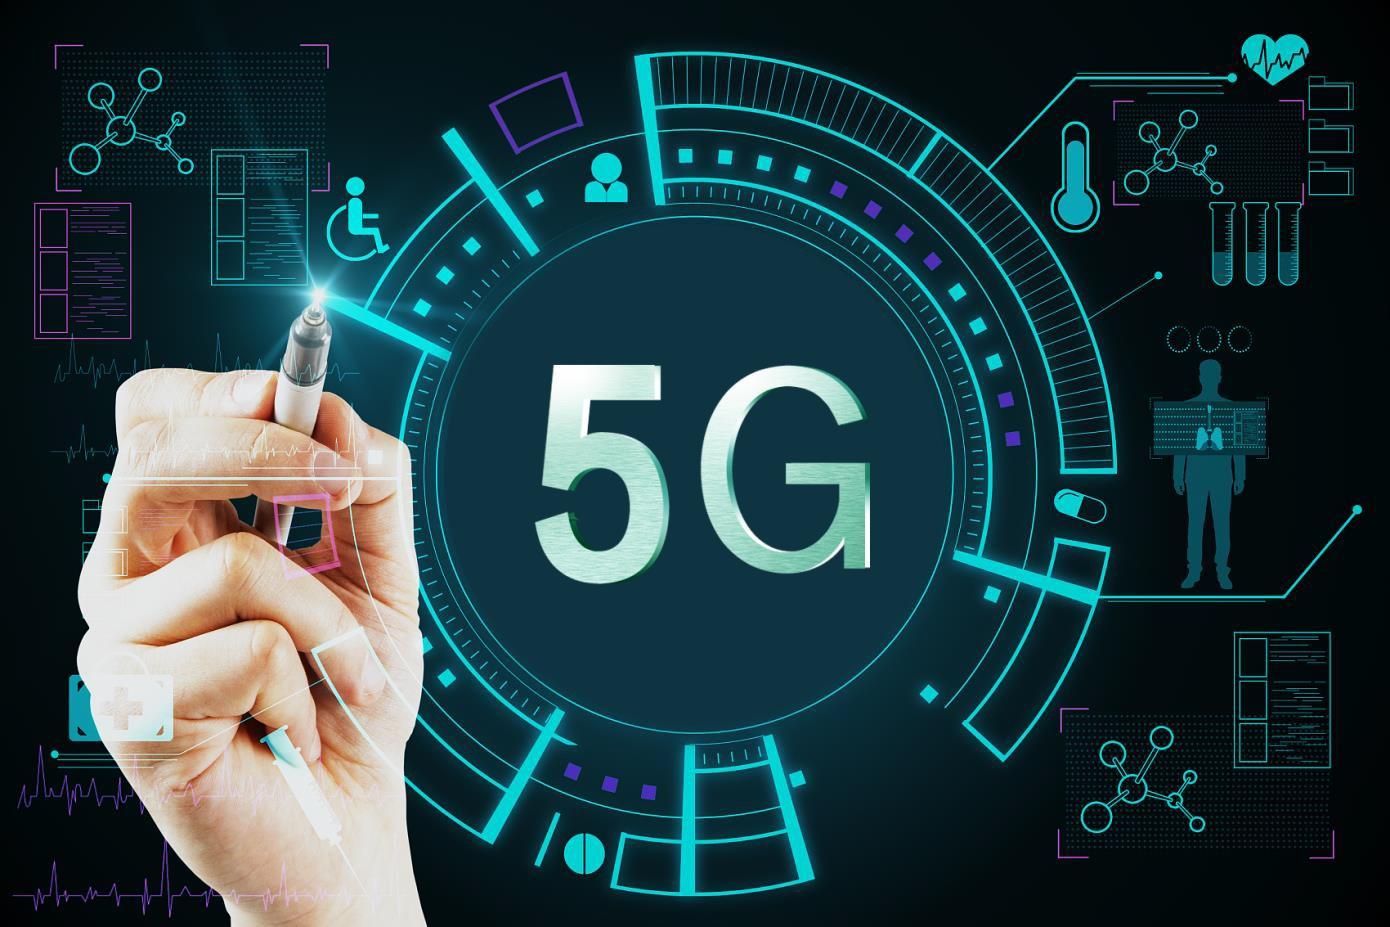 中兴通讯与朗森特科技达成战略合作共建5G智慧医疗